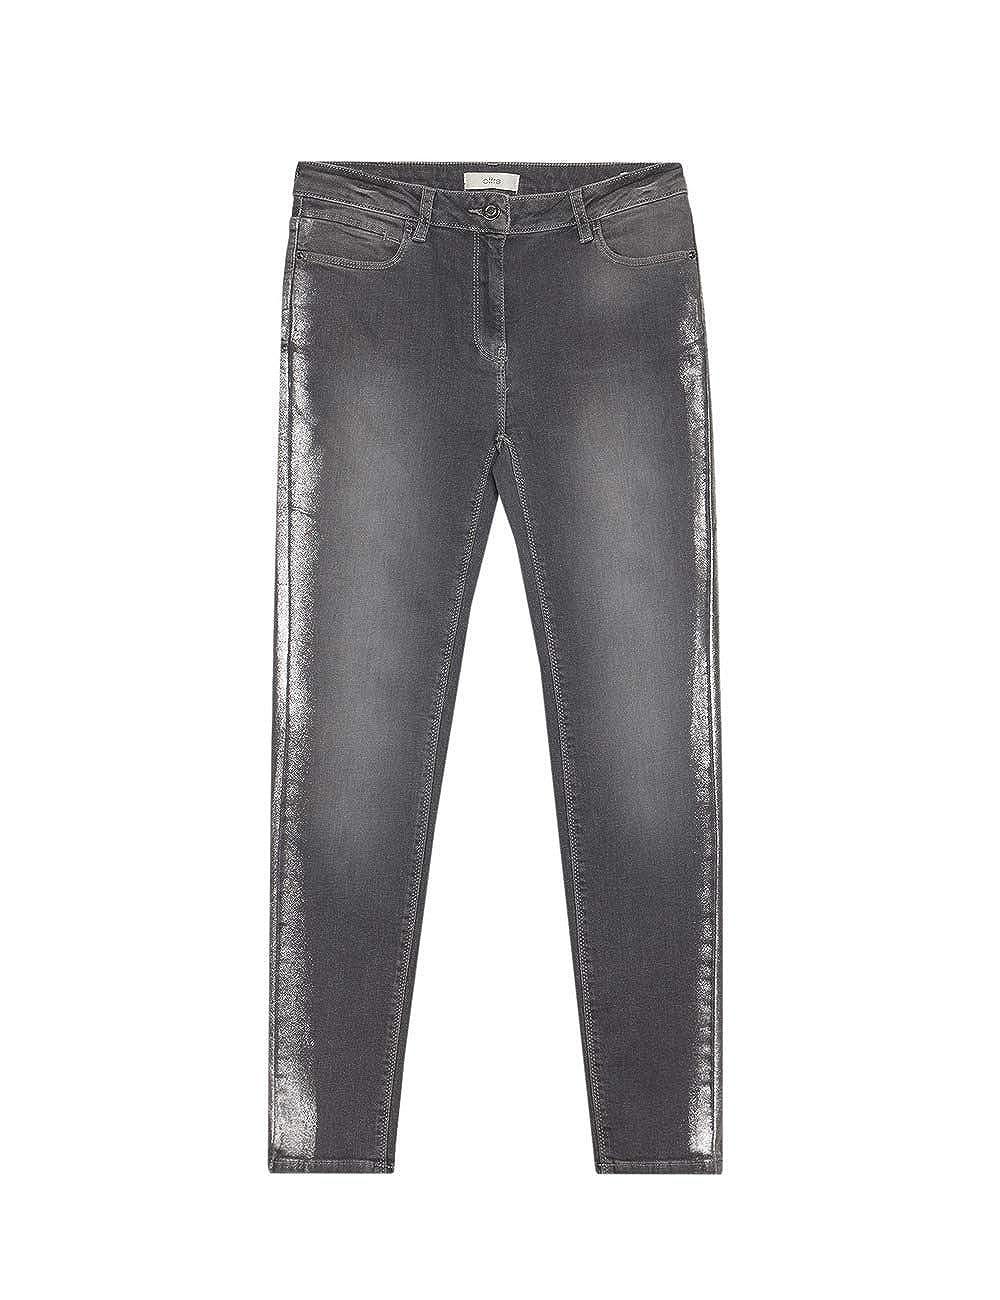 Jeans Skinny Grigio con Banda Metallizzata Italian Size Oltre